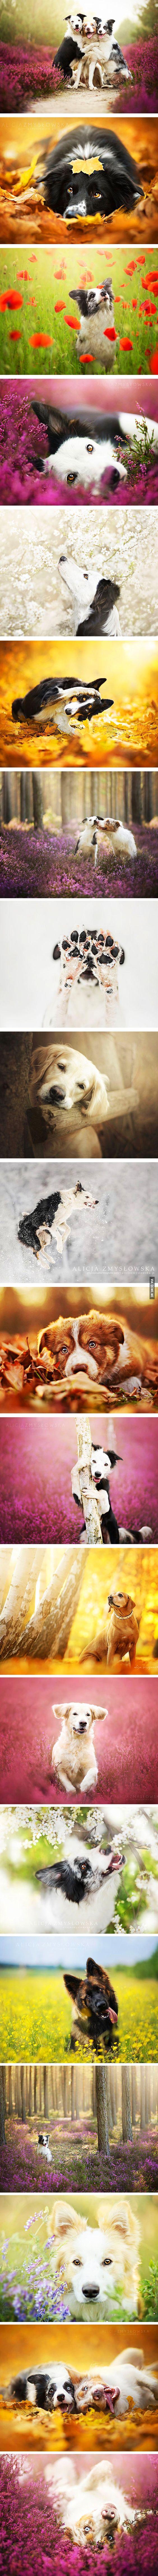 20 photographies de chiens qui réchauffent le cœur ! – Québec Meme +